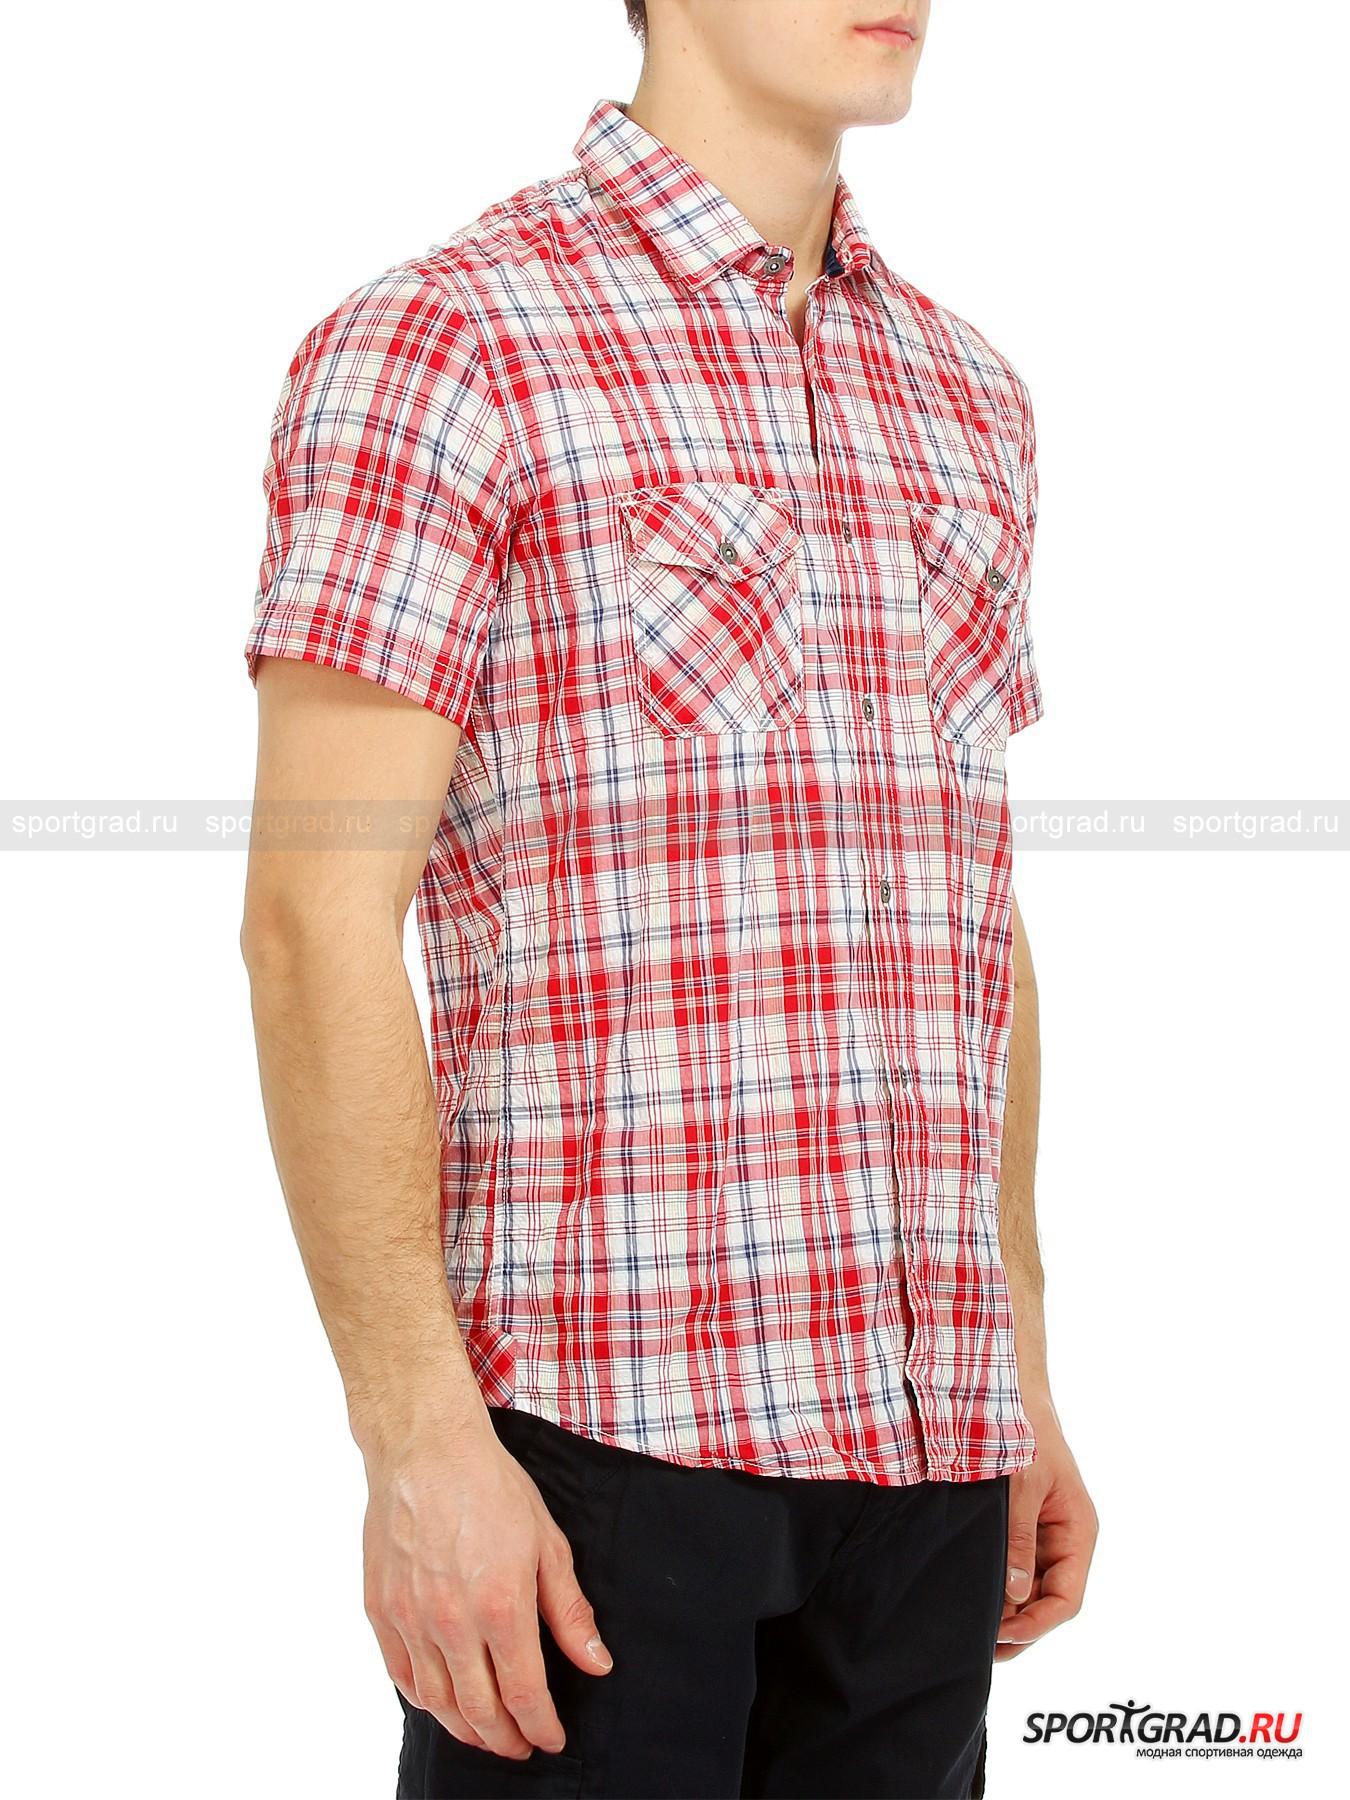 Рубашка мужская  Estefan FIRE & ICE от Спортград